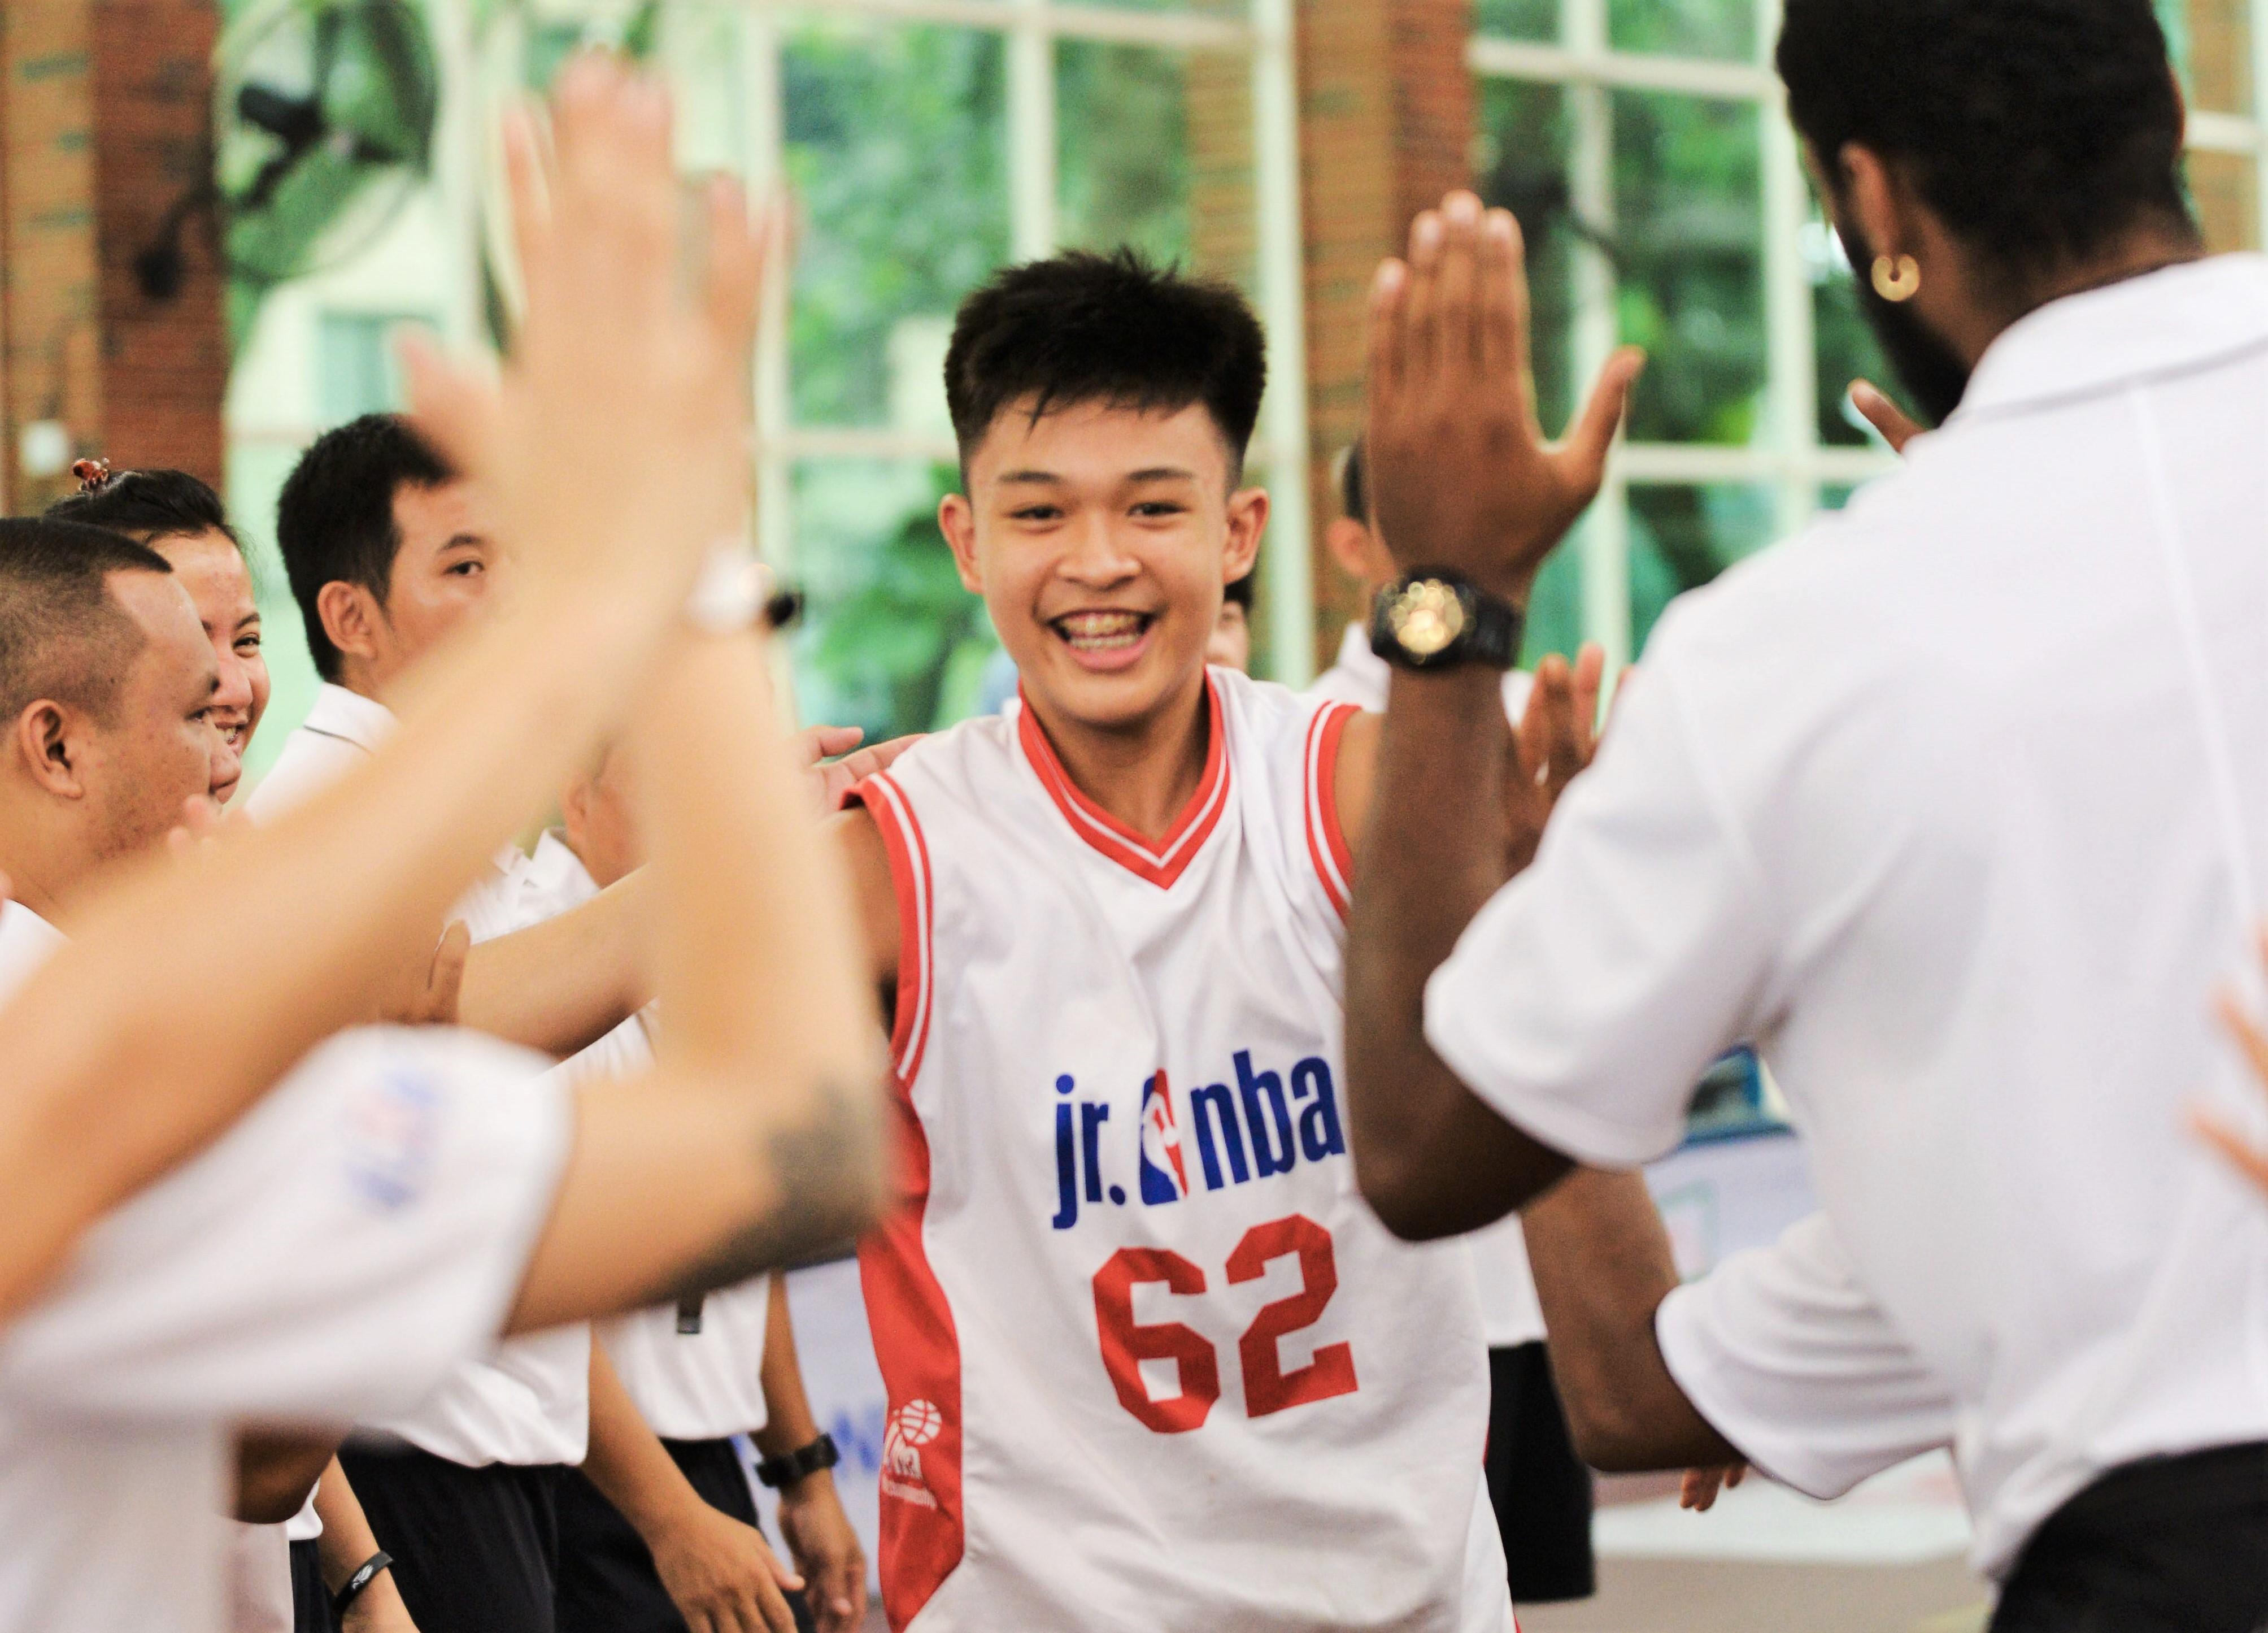 Giải vô địch toàn cầu Jr.NBA (Jr.NBA Global Championship))